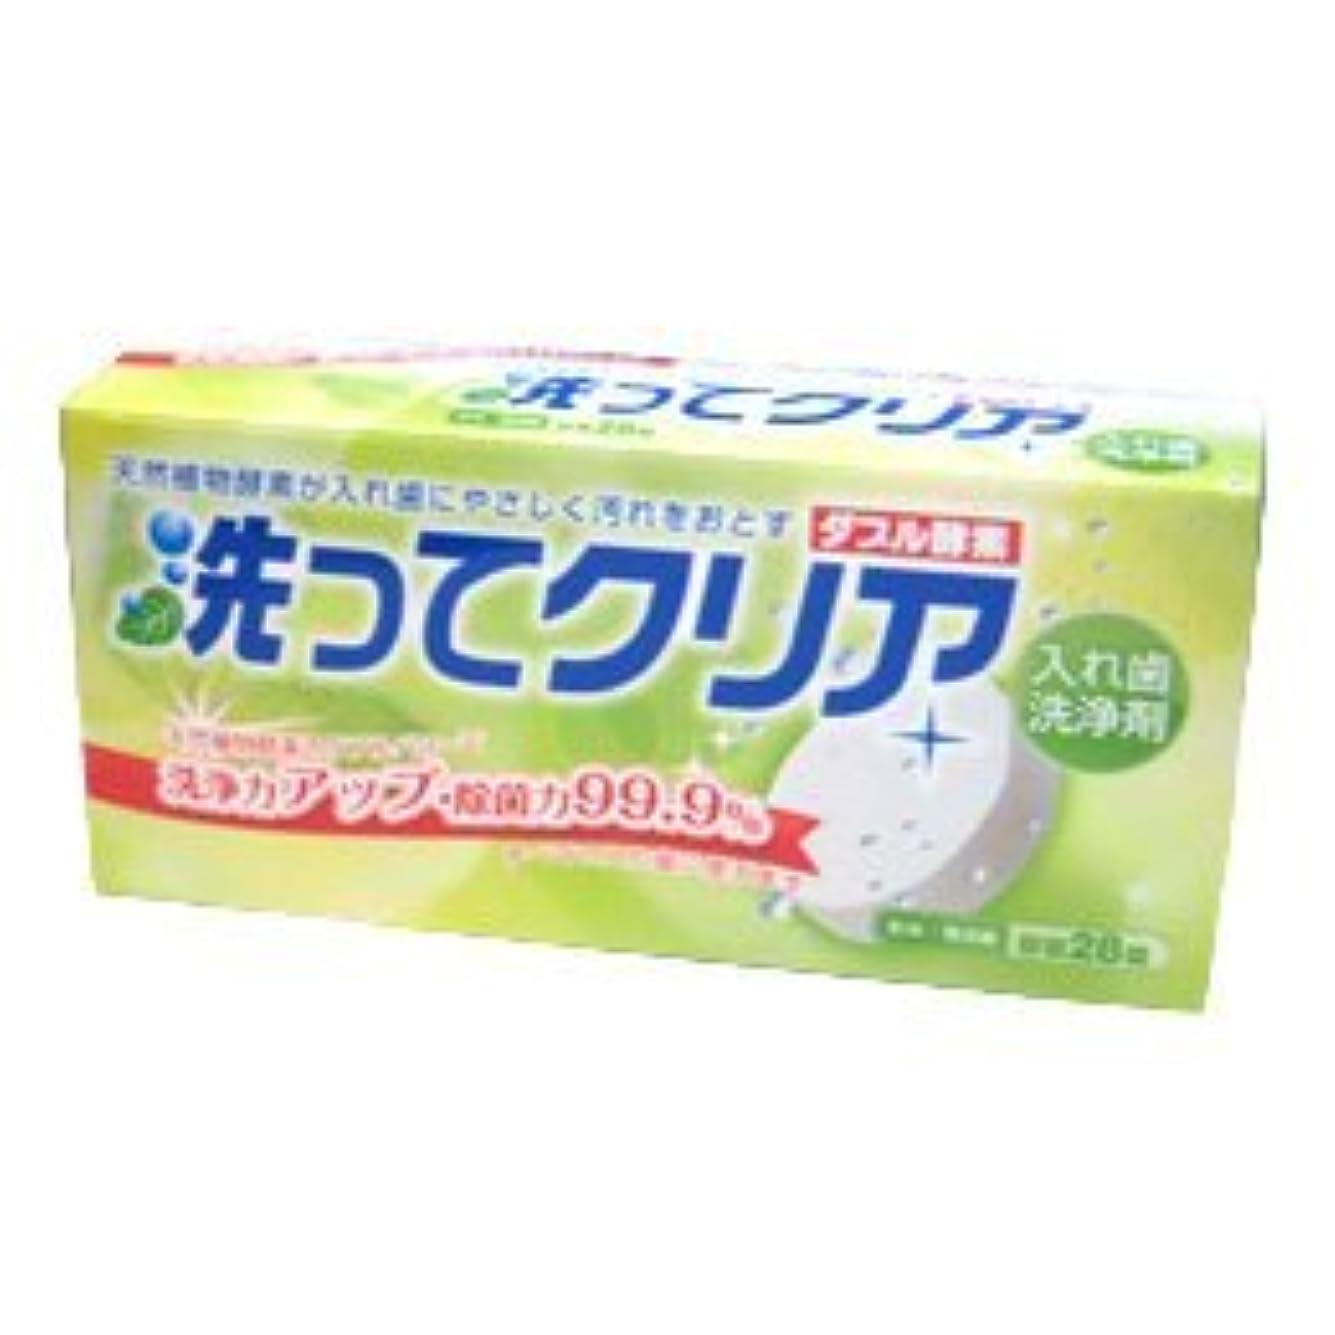 授業料用語集傾向がある東伸洋行株式会社 洗ってクリア ダブル酵素 28錠 入れ歯洗浄剤